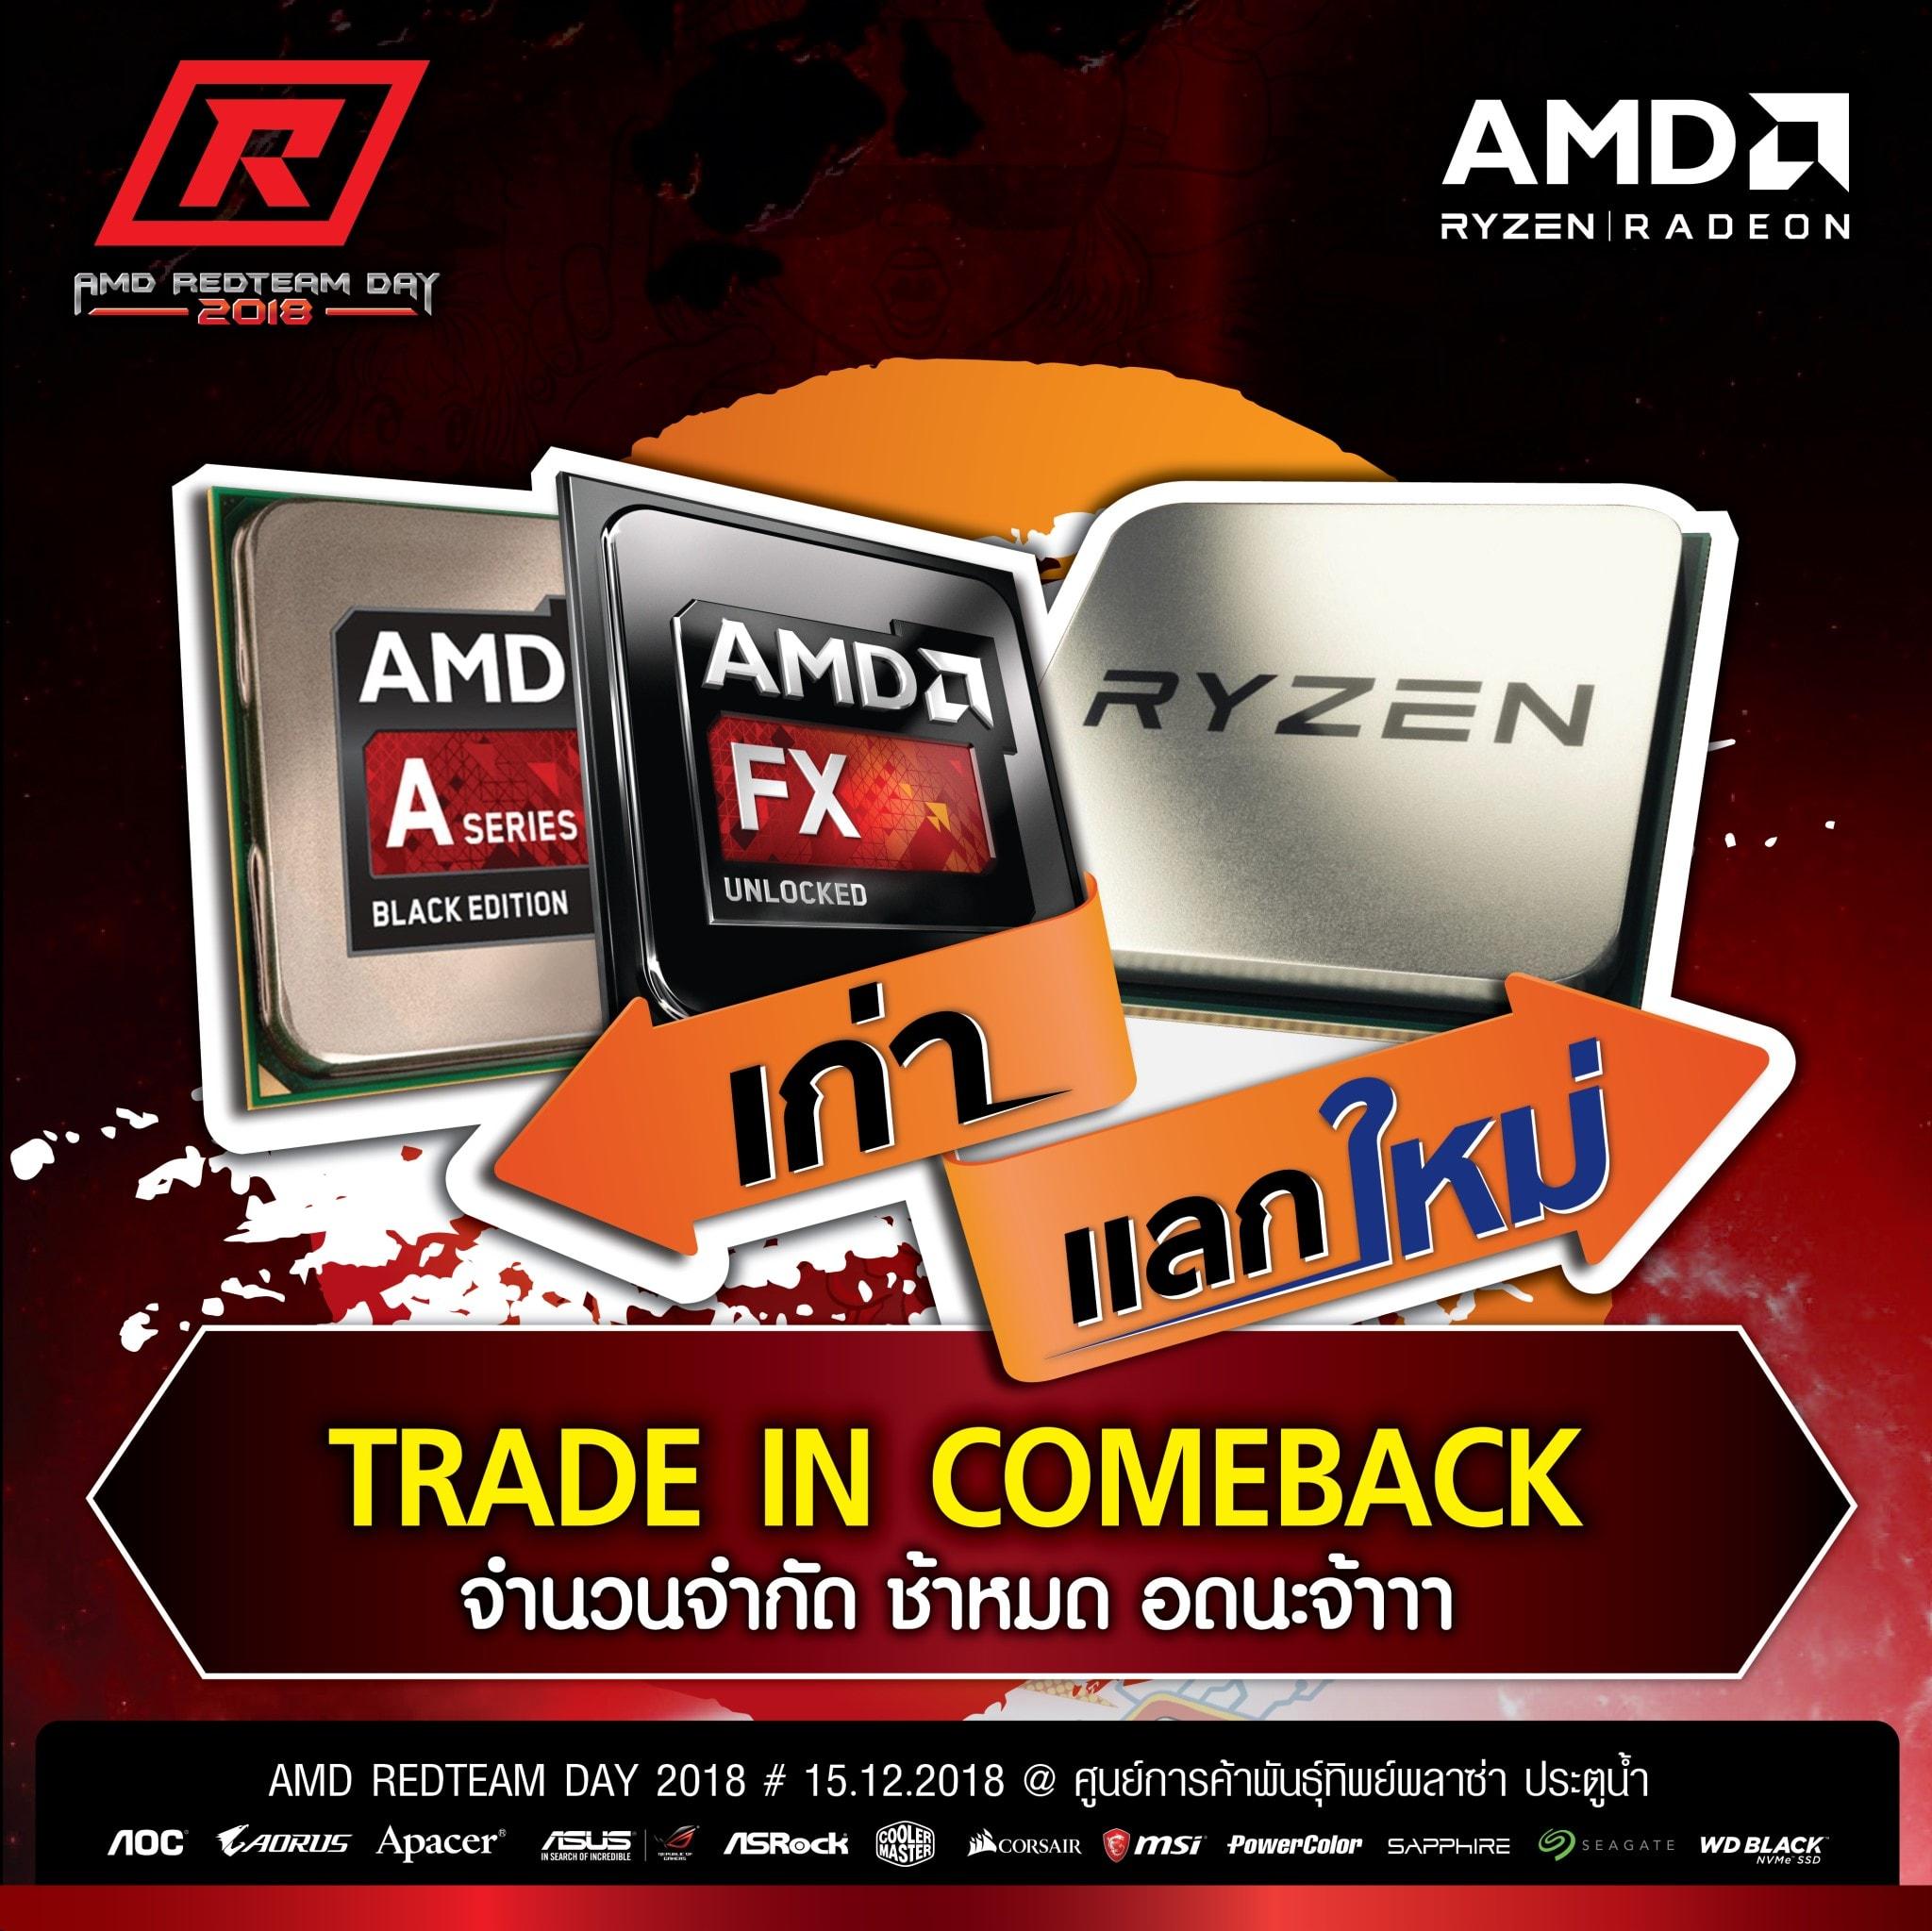 AMD TRADE IN COMEBACK